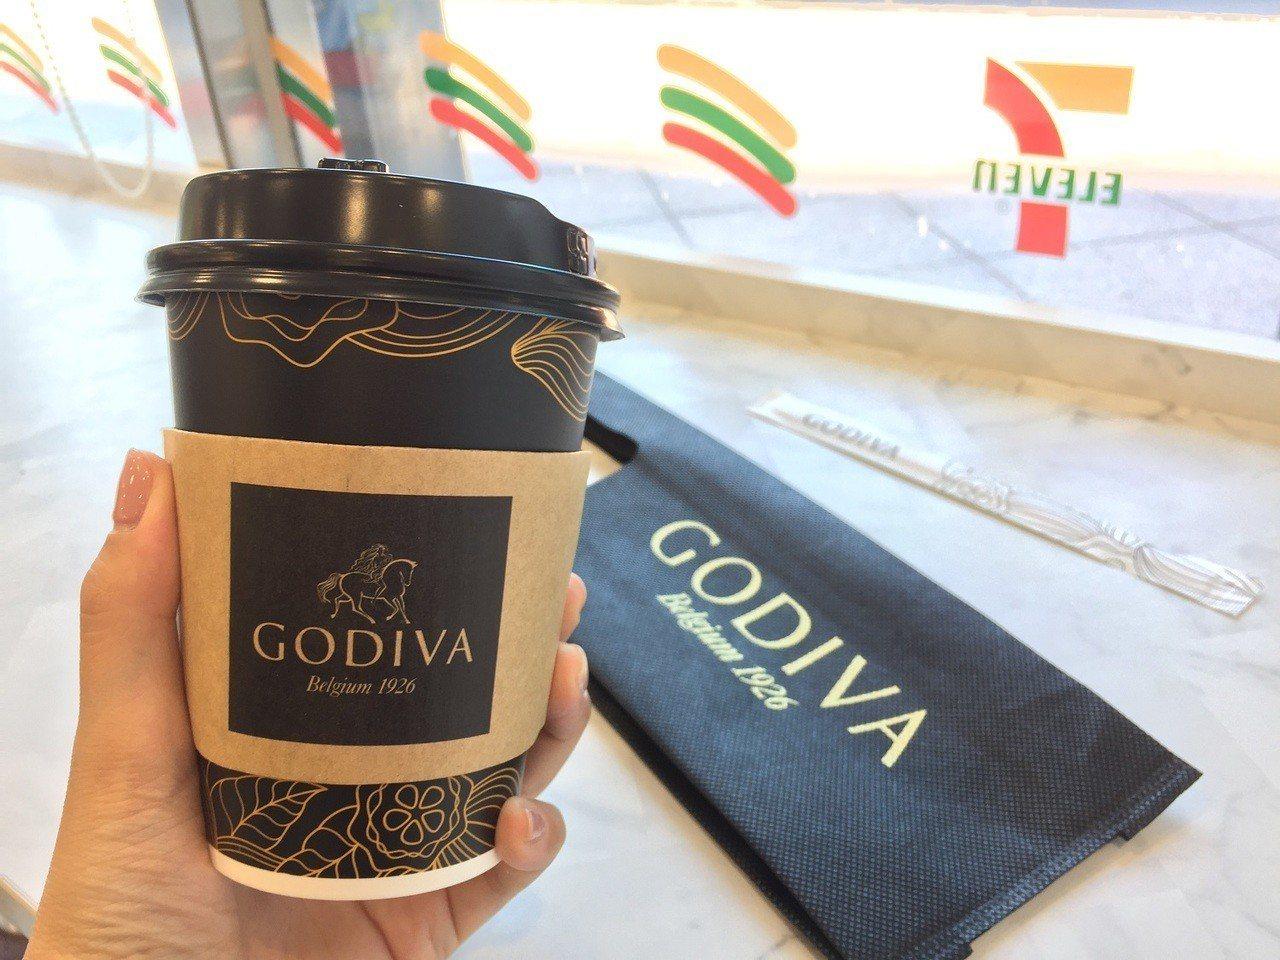 GODIVA醇黑熱巧克力將登場,全台限量65萬杯。7-ELEVEN/提供